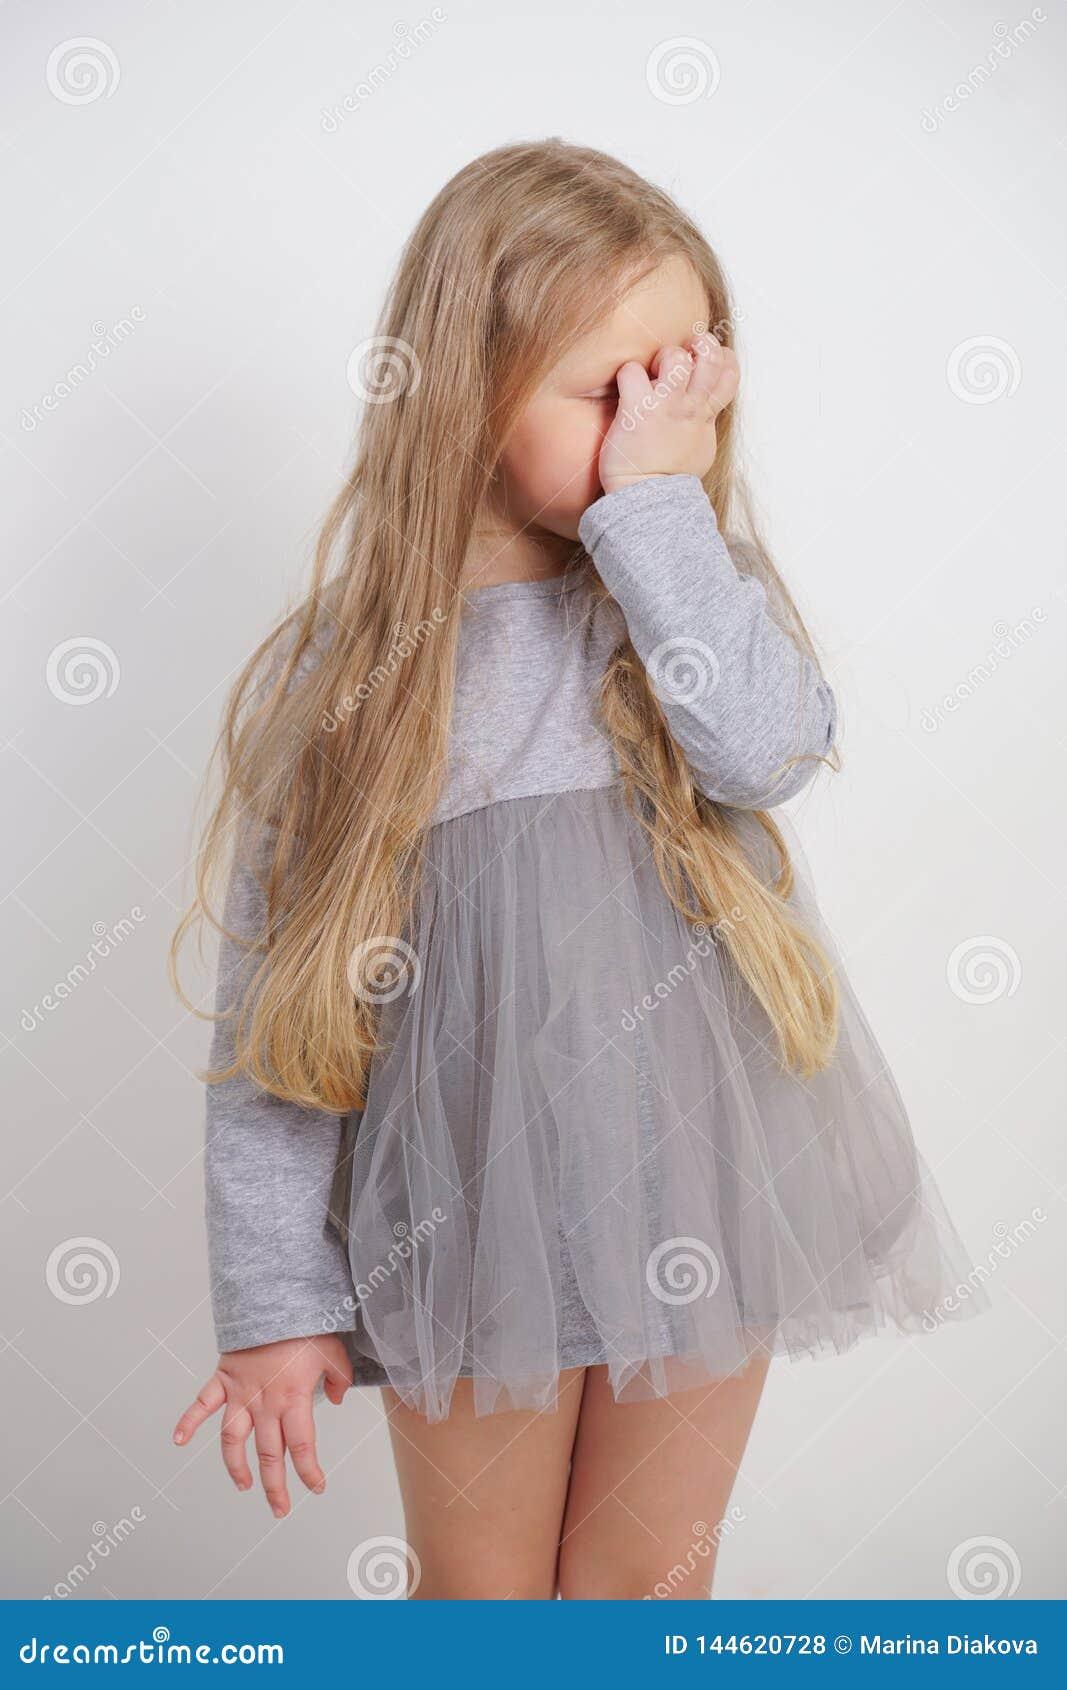 Małej dziewczynki dziecka pozycja z ręką w twarzy z facepalm symbolem na białym tle w studiu